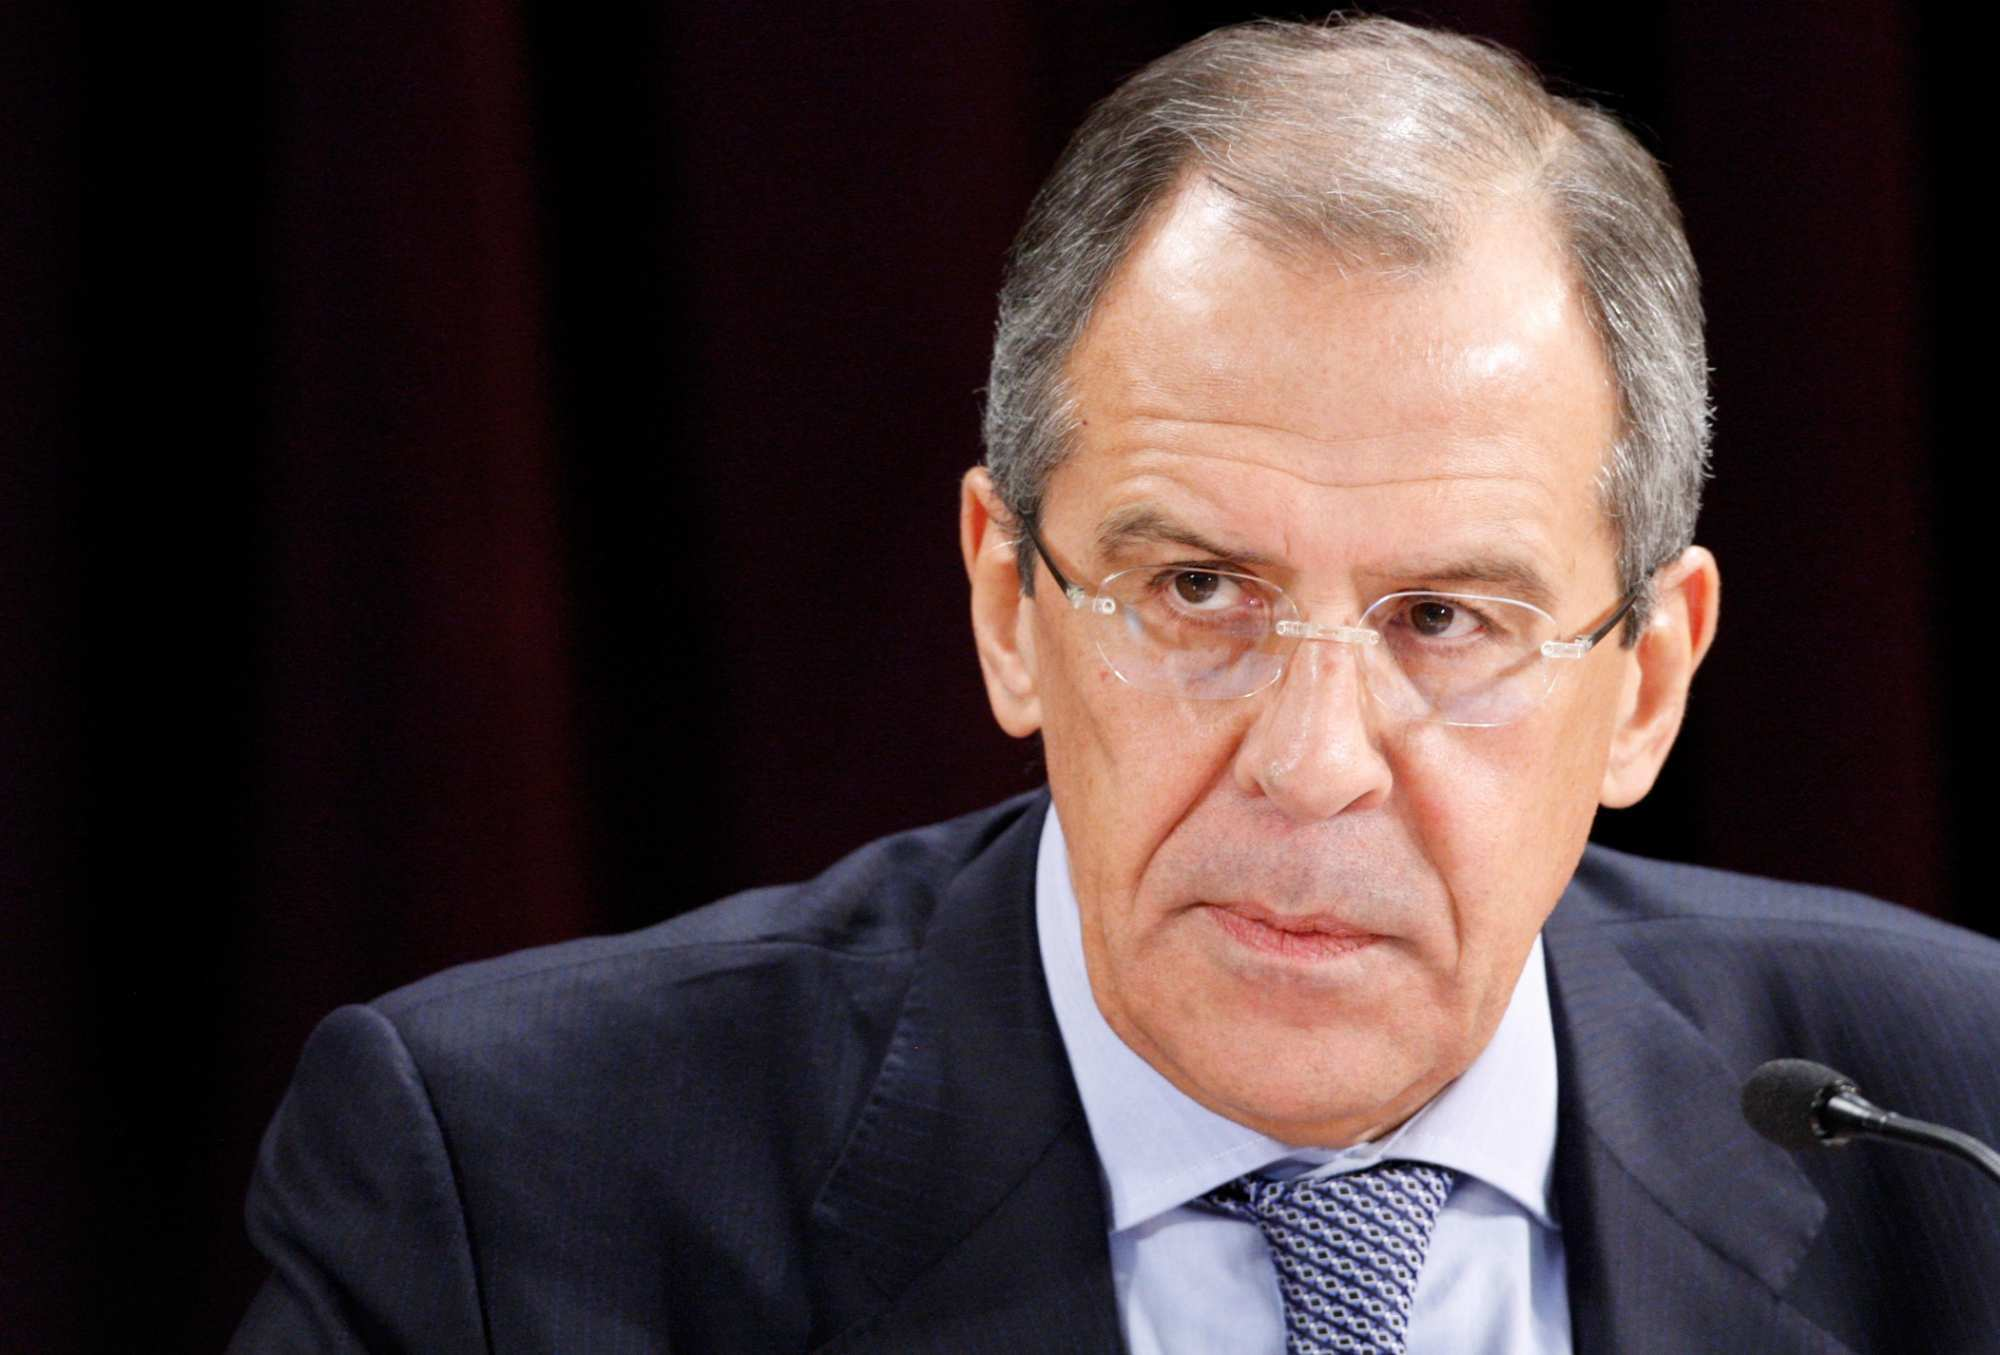 Сирия стала для Запада предлогом для давления на Россию, — Лавров (ВИДЕО) | Русская весна